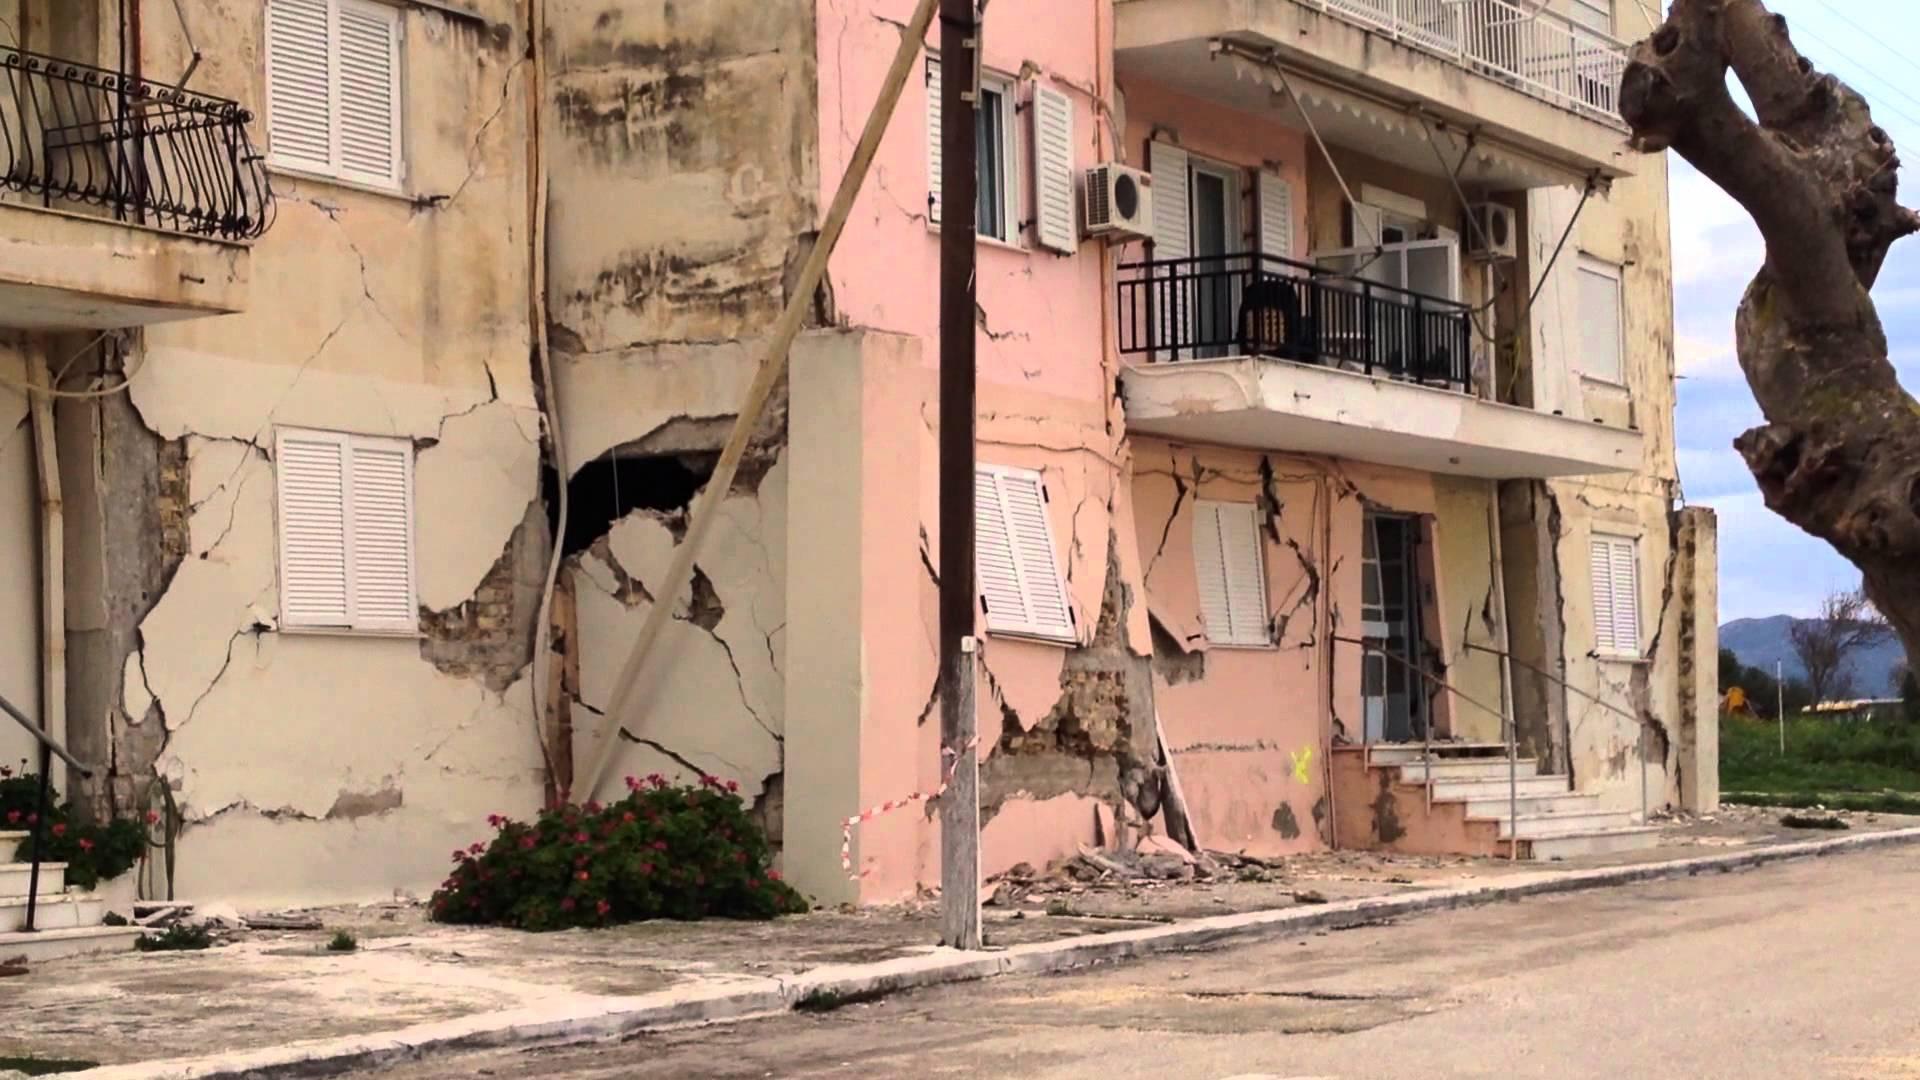 Ιωάννινα: Ξεκινούν οι αιτήσεις στεγαστικής συνδρομής για τους σεισμόπληκτους